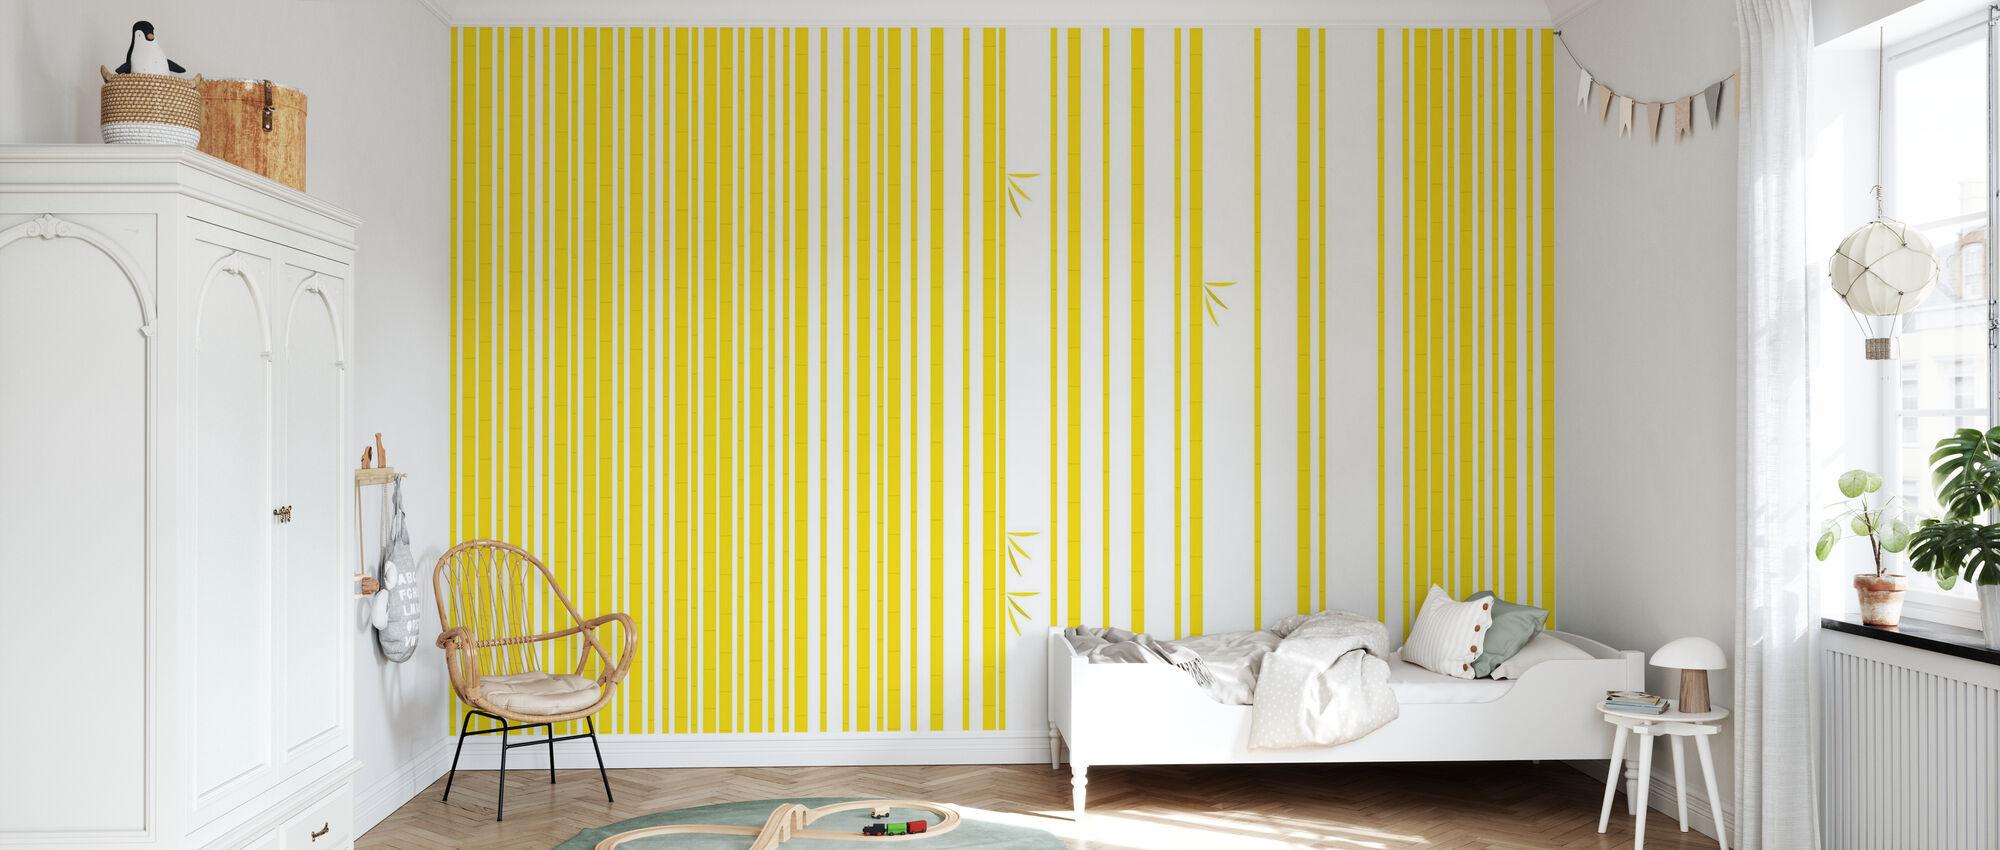 Bambu Forest Yellow - Wallpaper - Kids Room